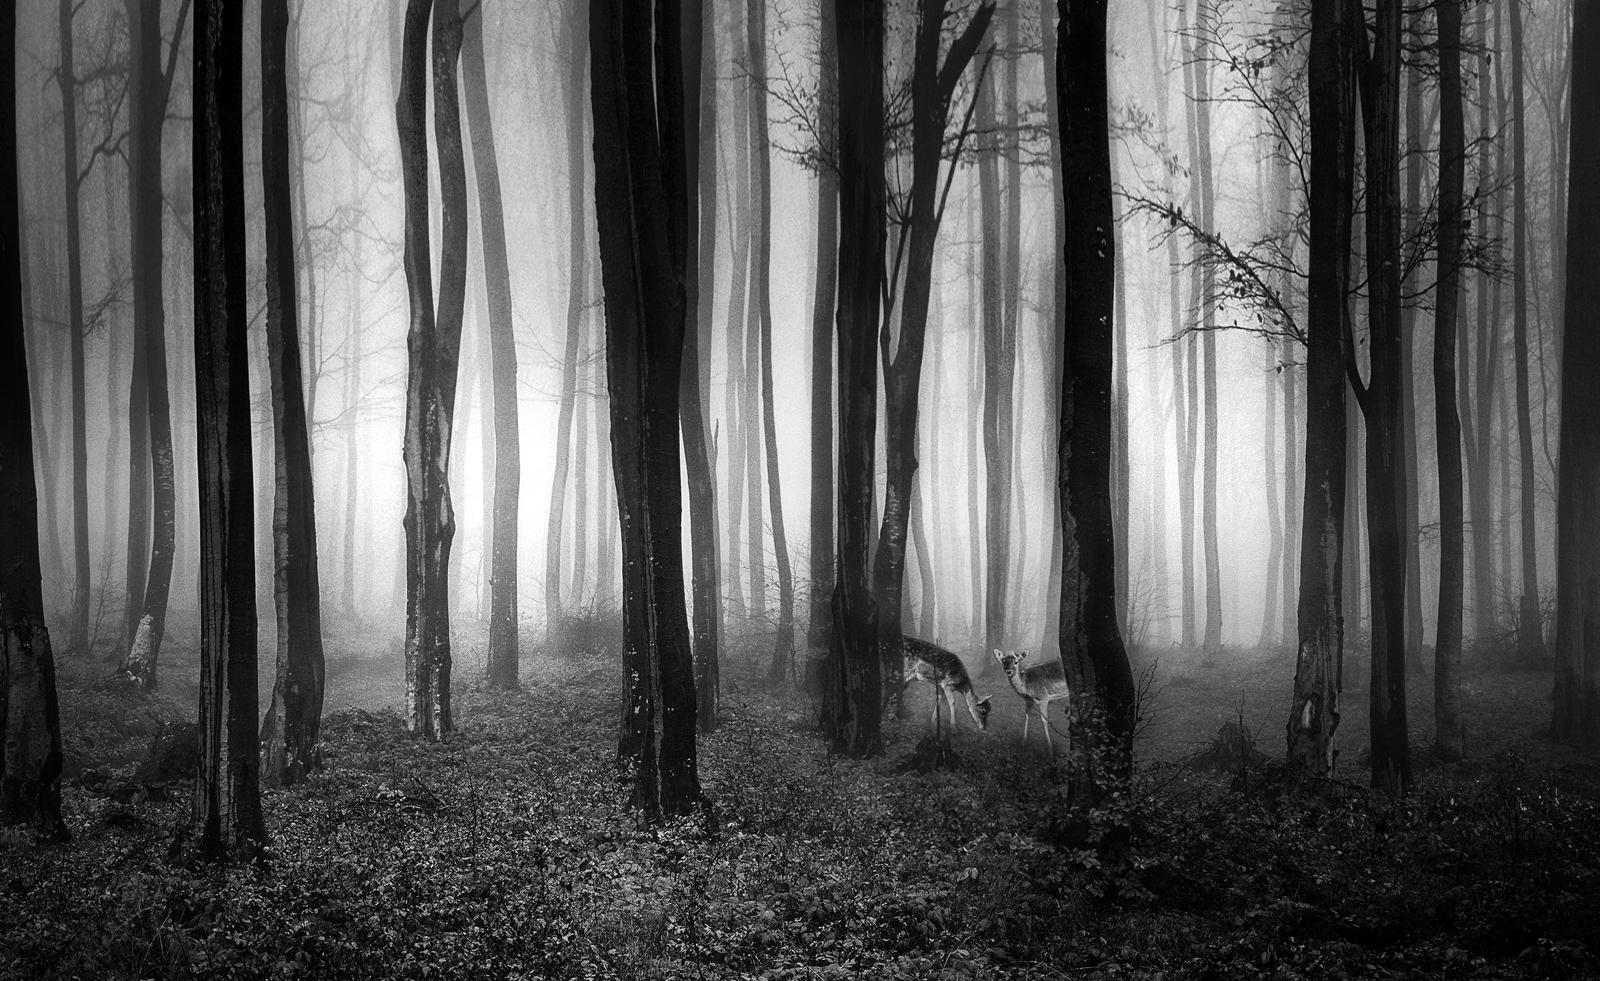 Photo in Nature | Author Илина Танева - Инка | PHOTO FORUM